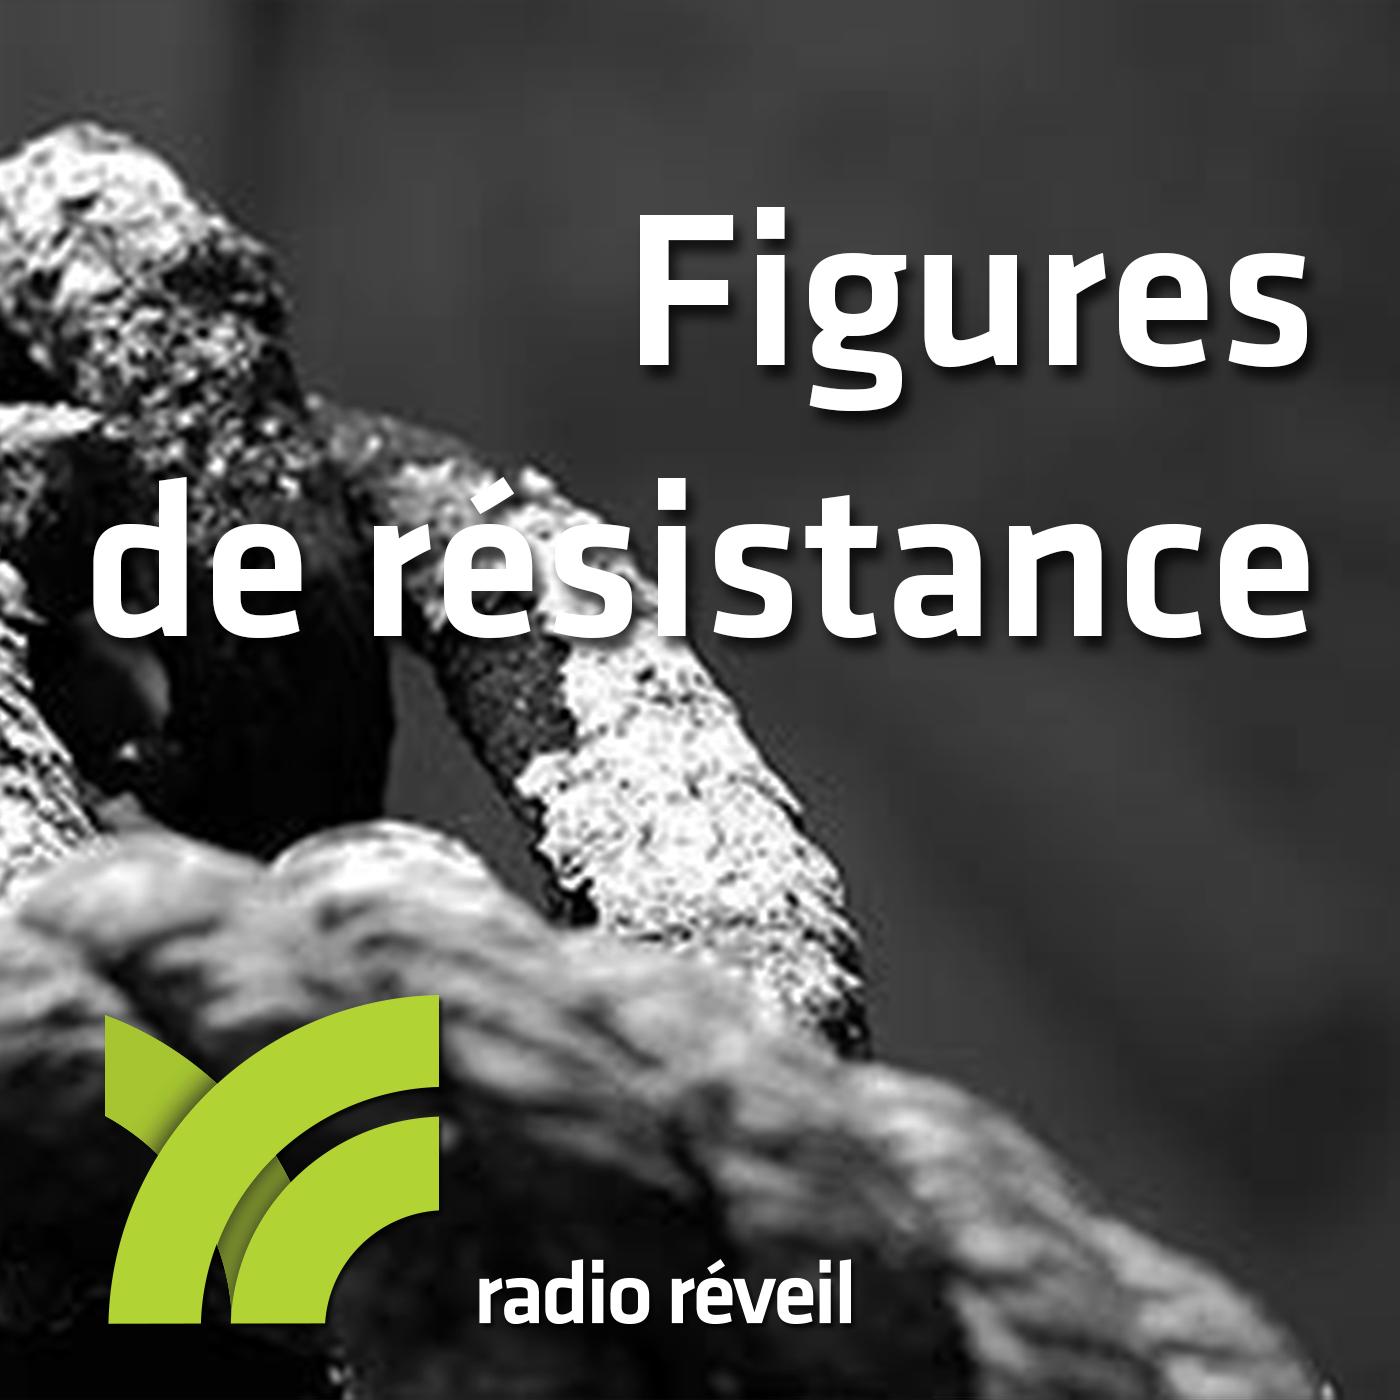 Les grandes figures de résistance